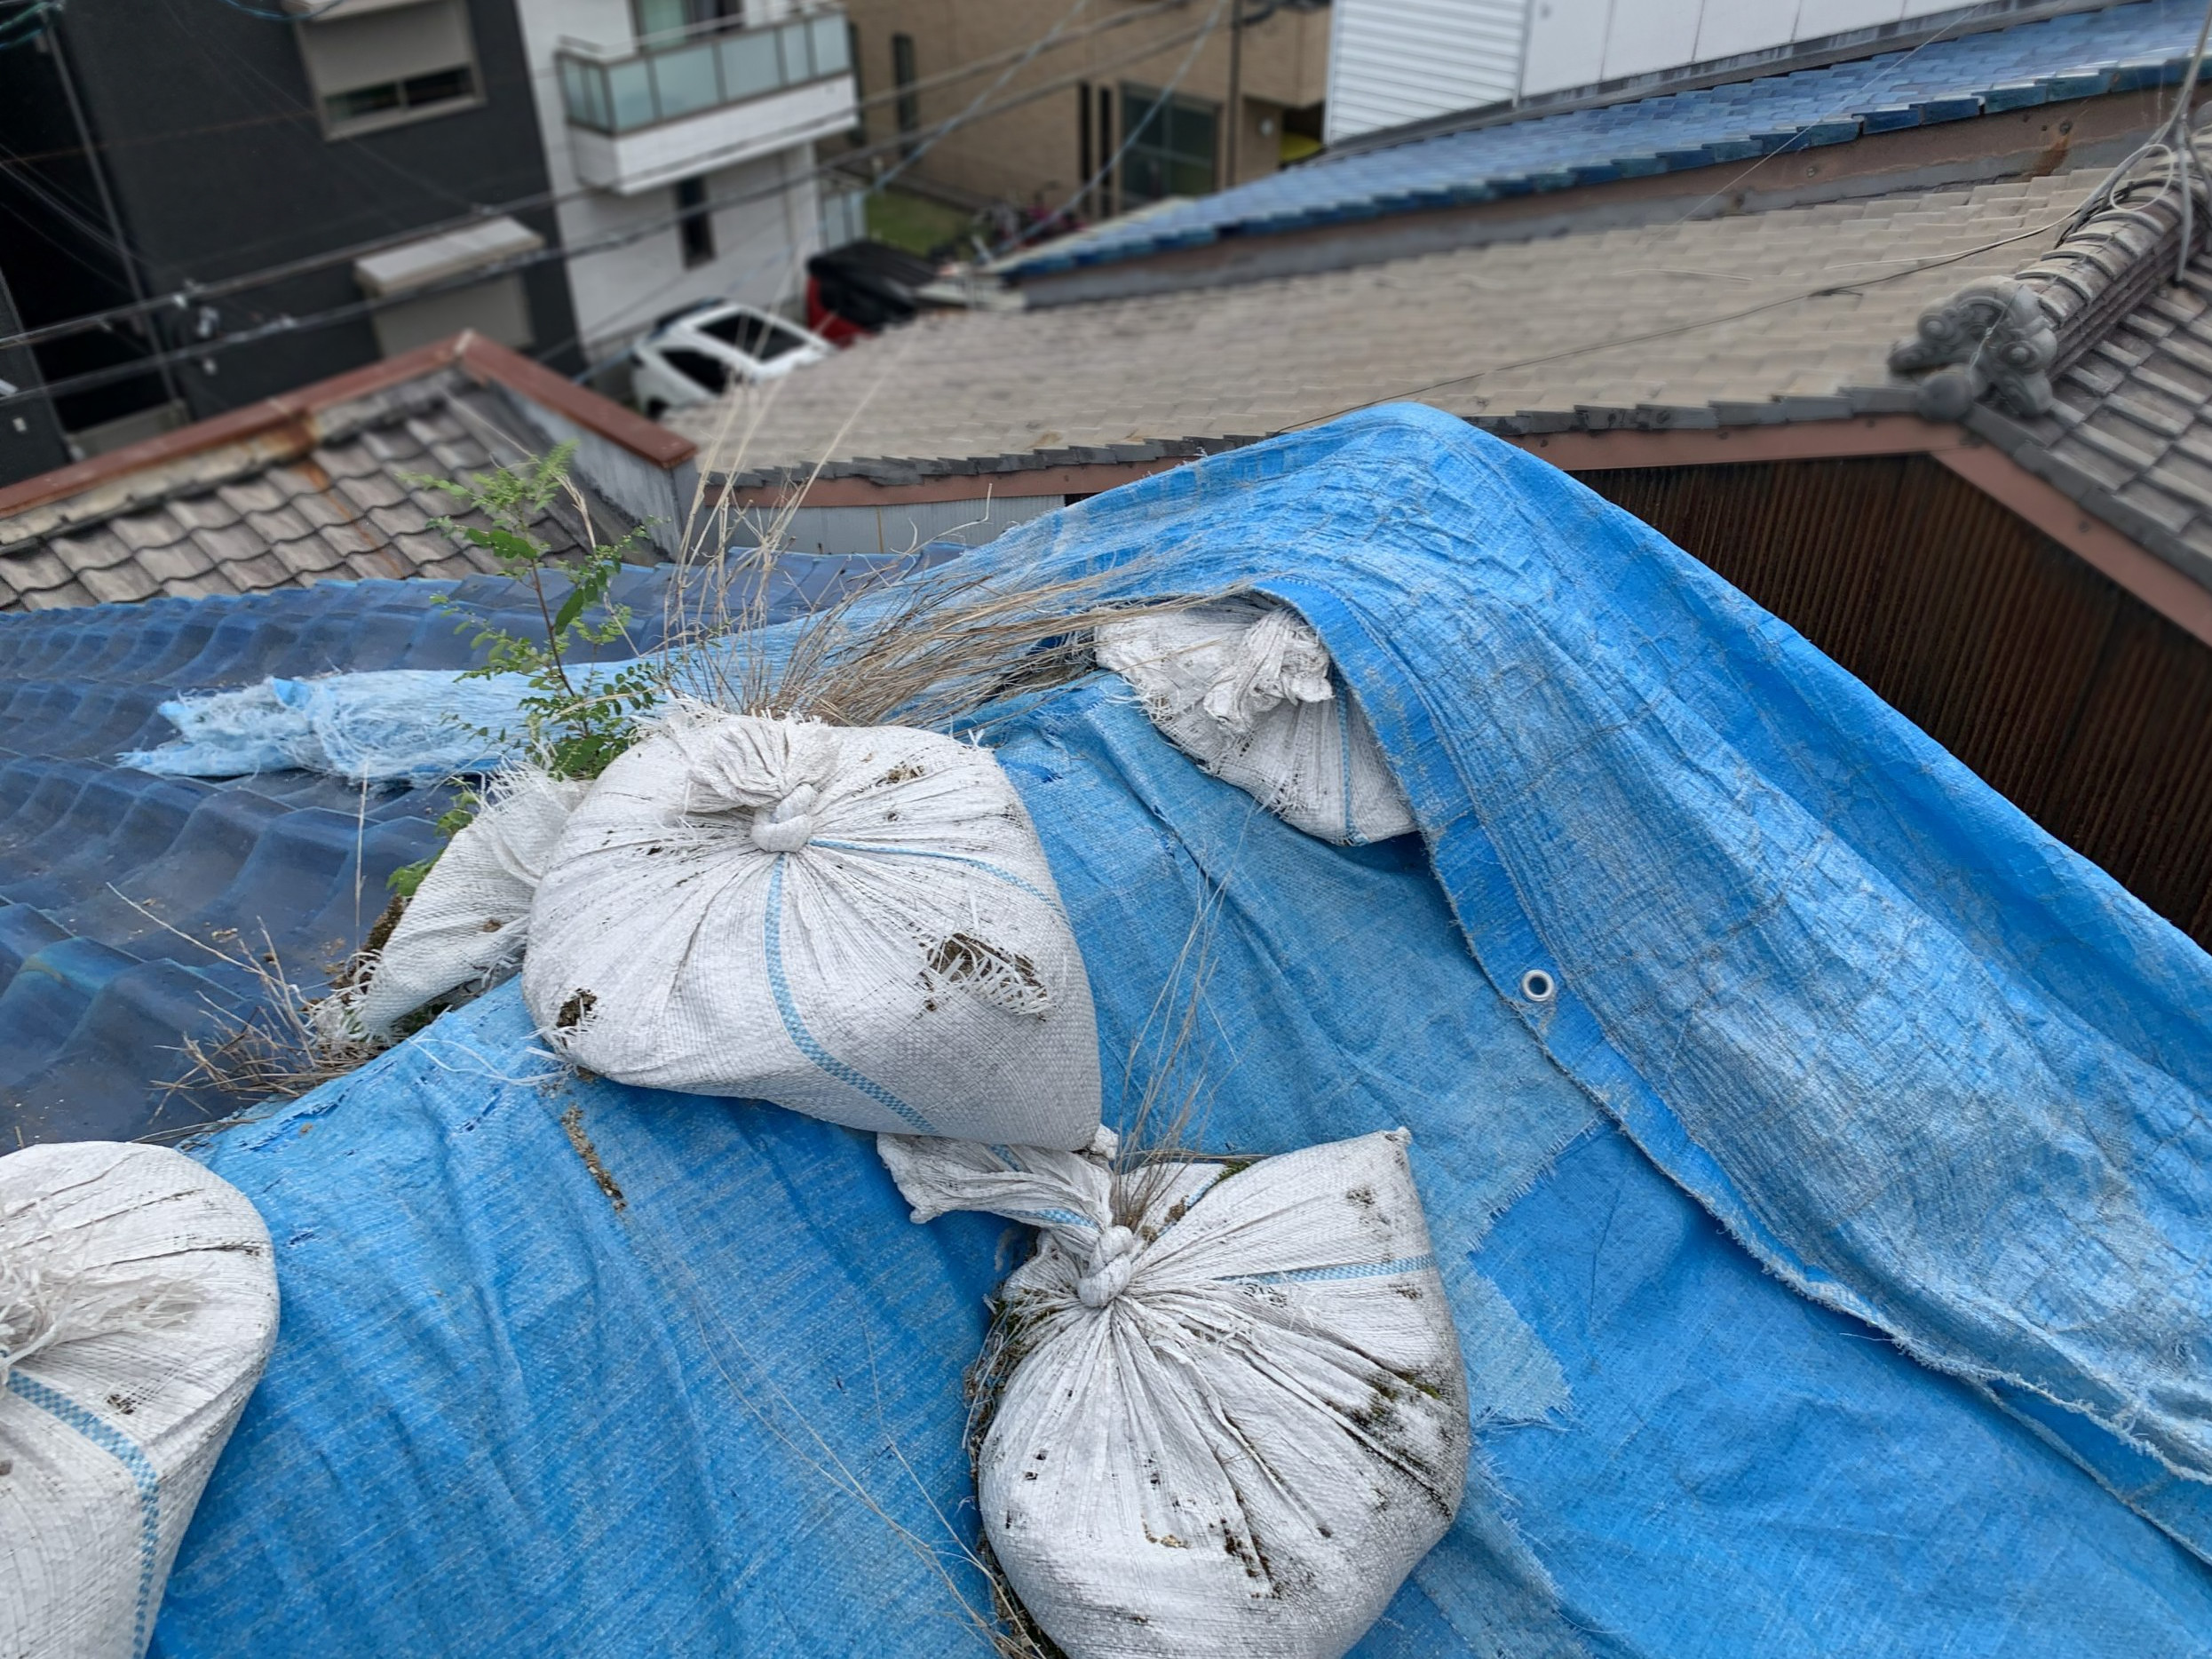 ブルーシートが張られた青い瓦屋根